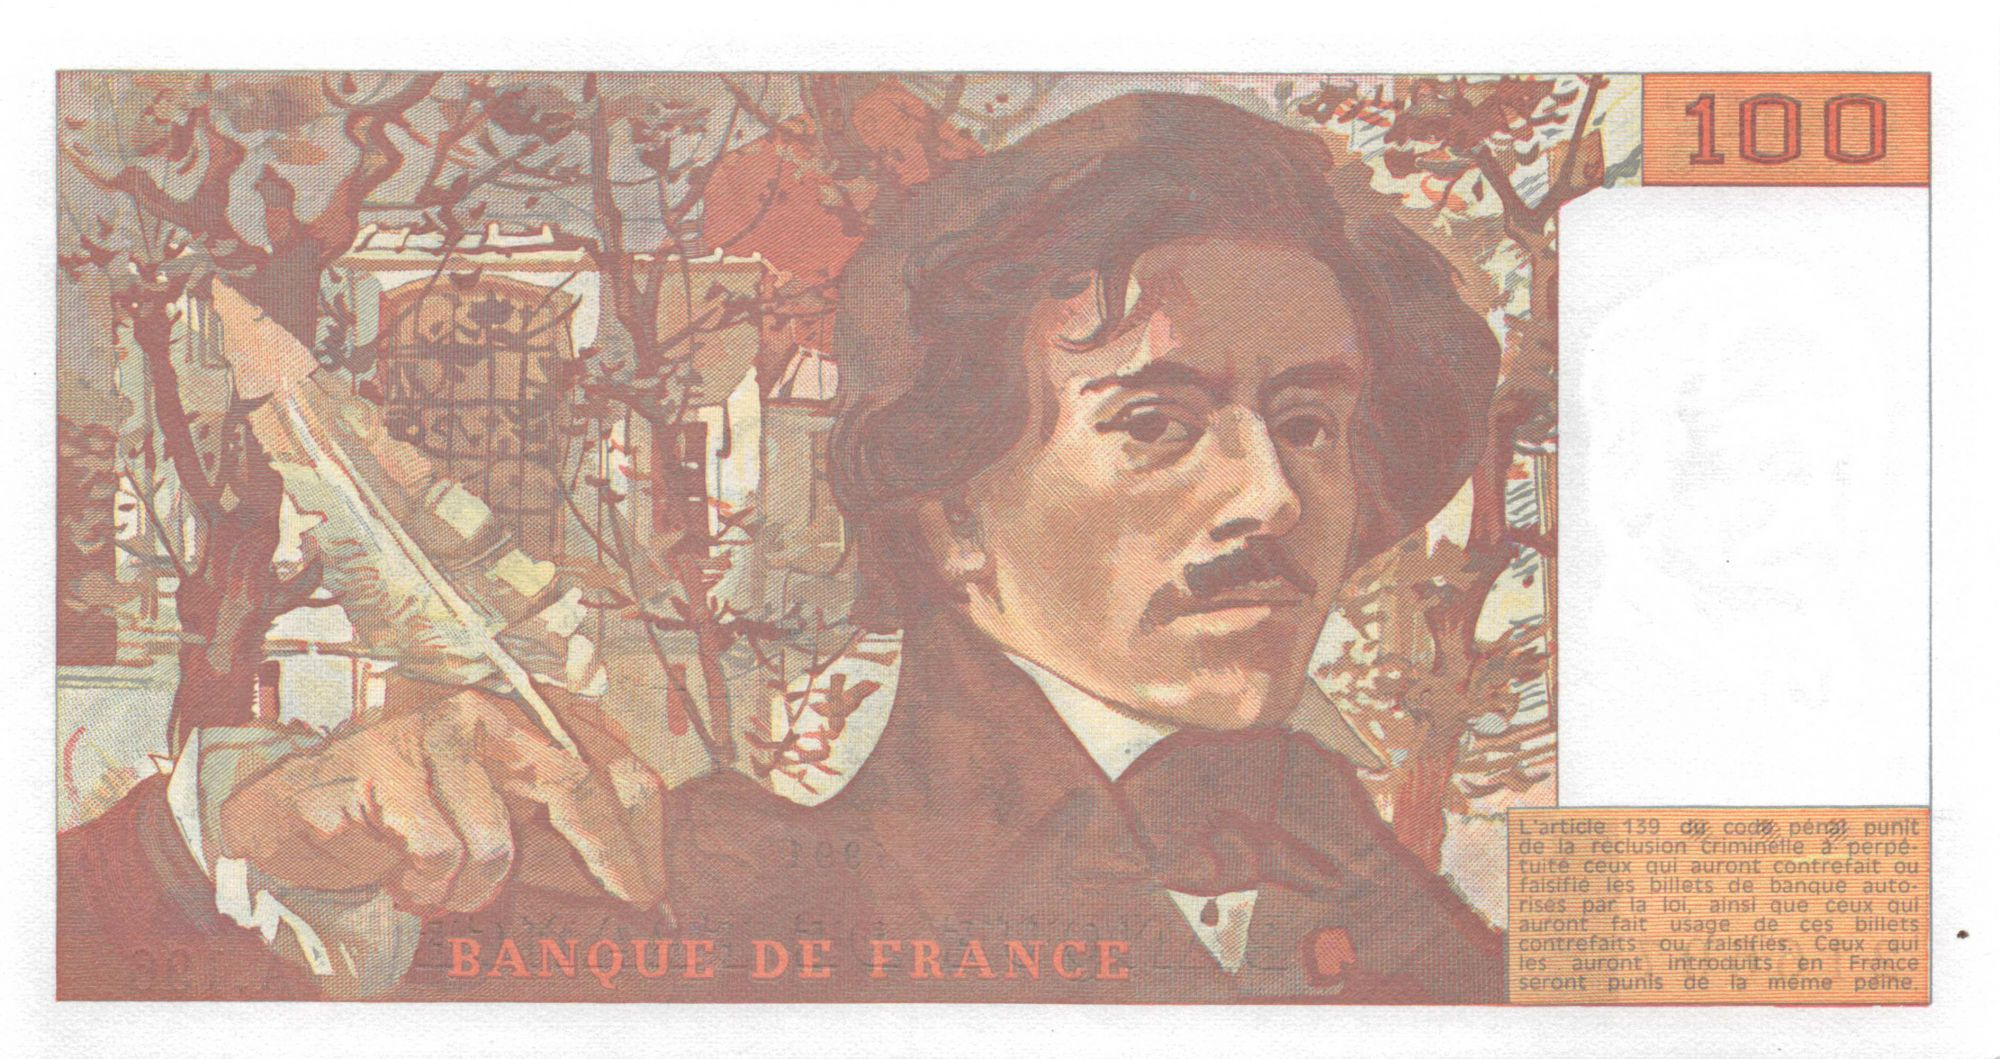 France 100 Francs Delacroix - 1991 Série A.196 - P.NEUF